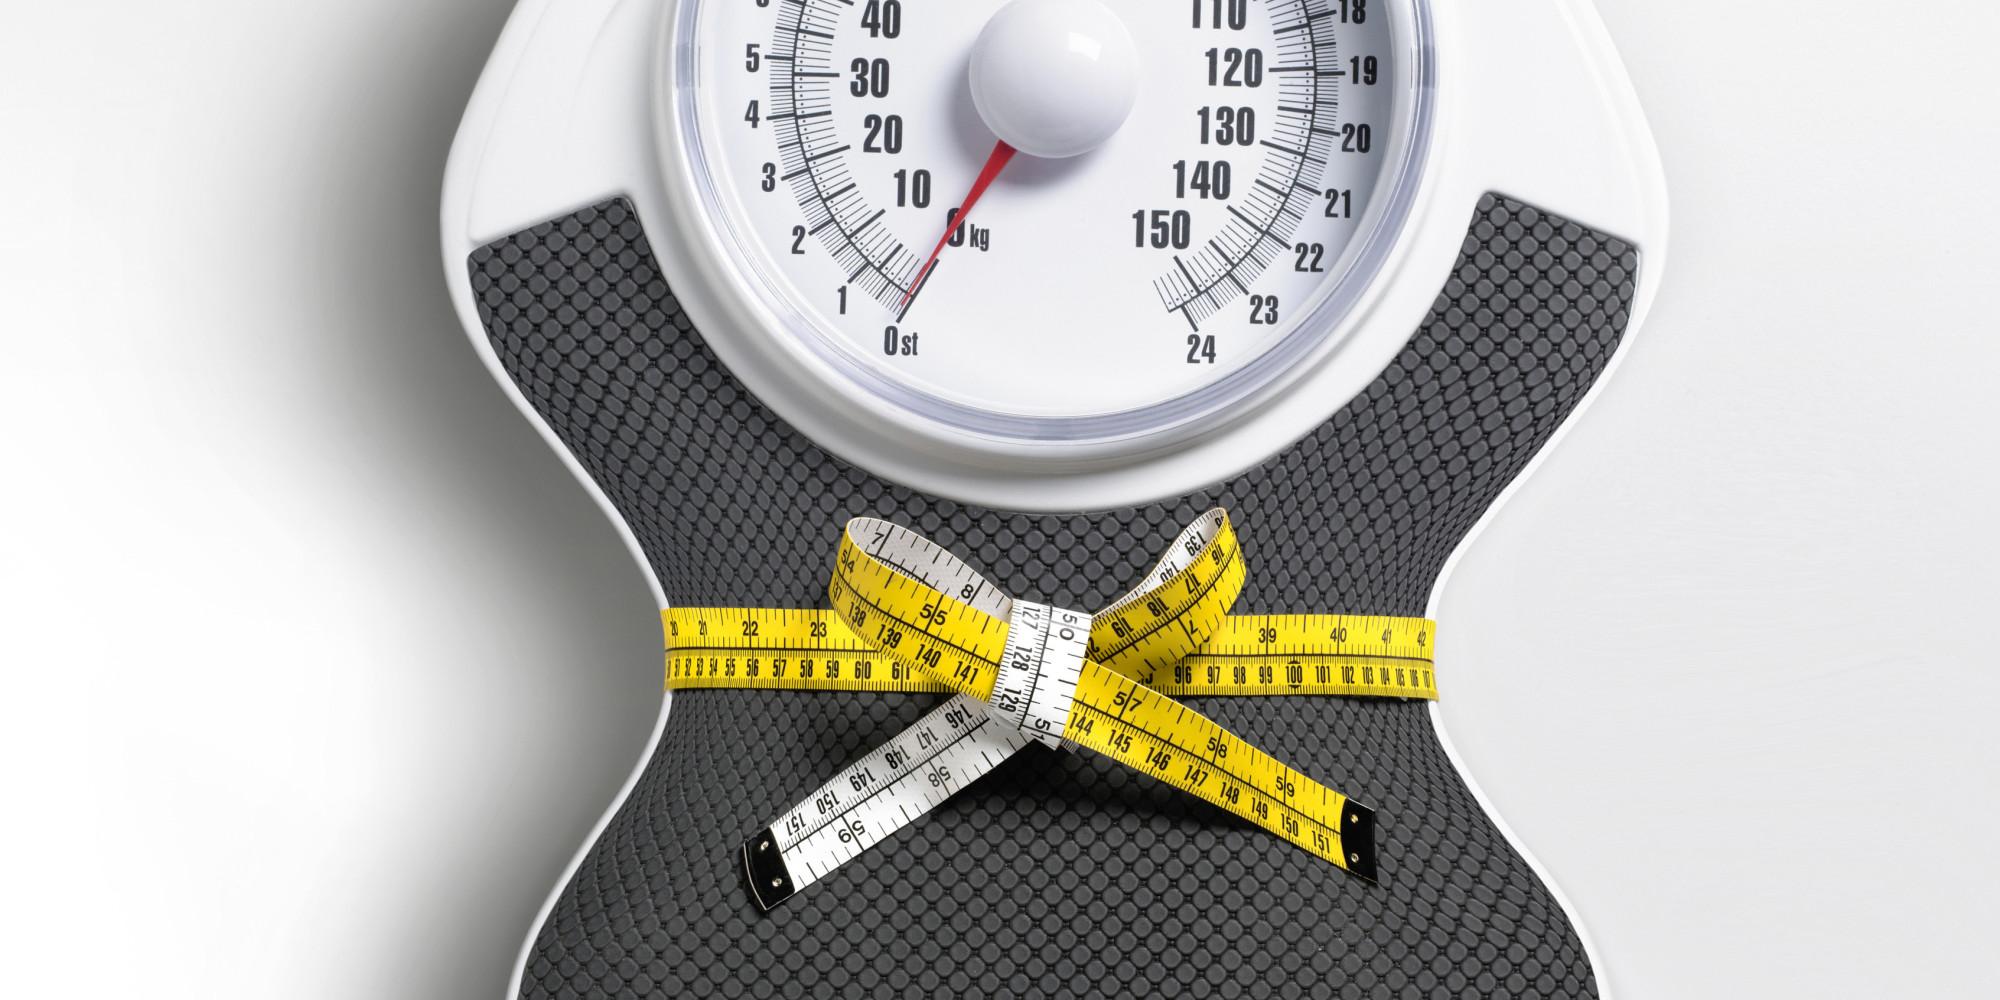 اخسري 5 كيلو من وزنكِ أسبوعيًا بشكل طبيعي